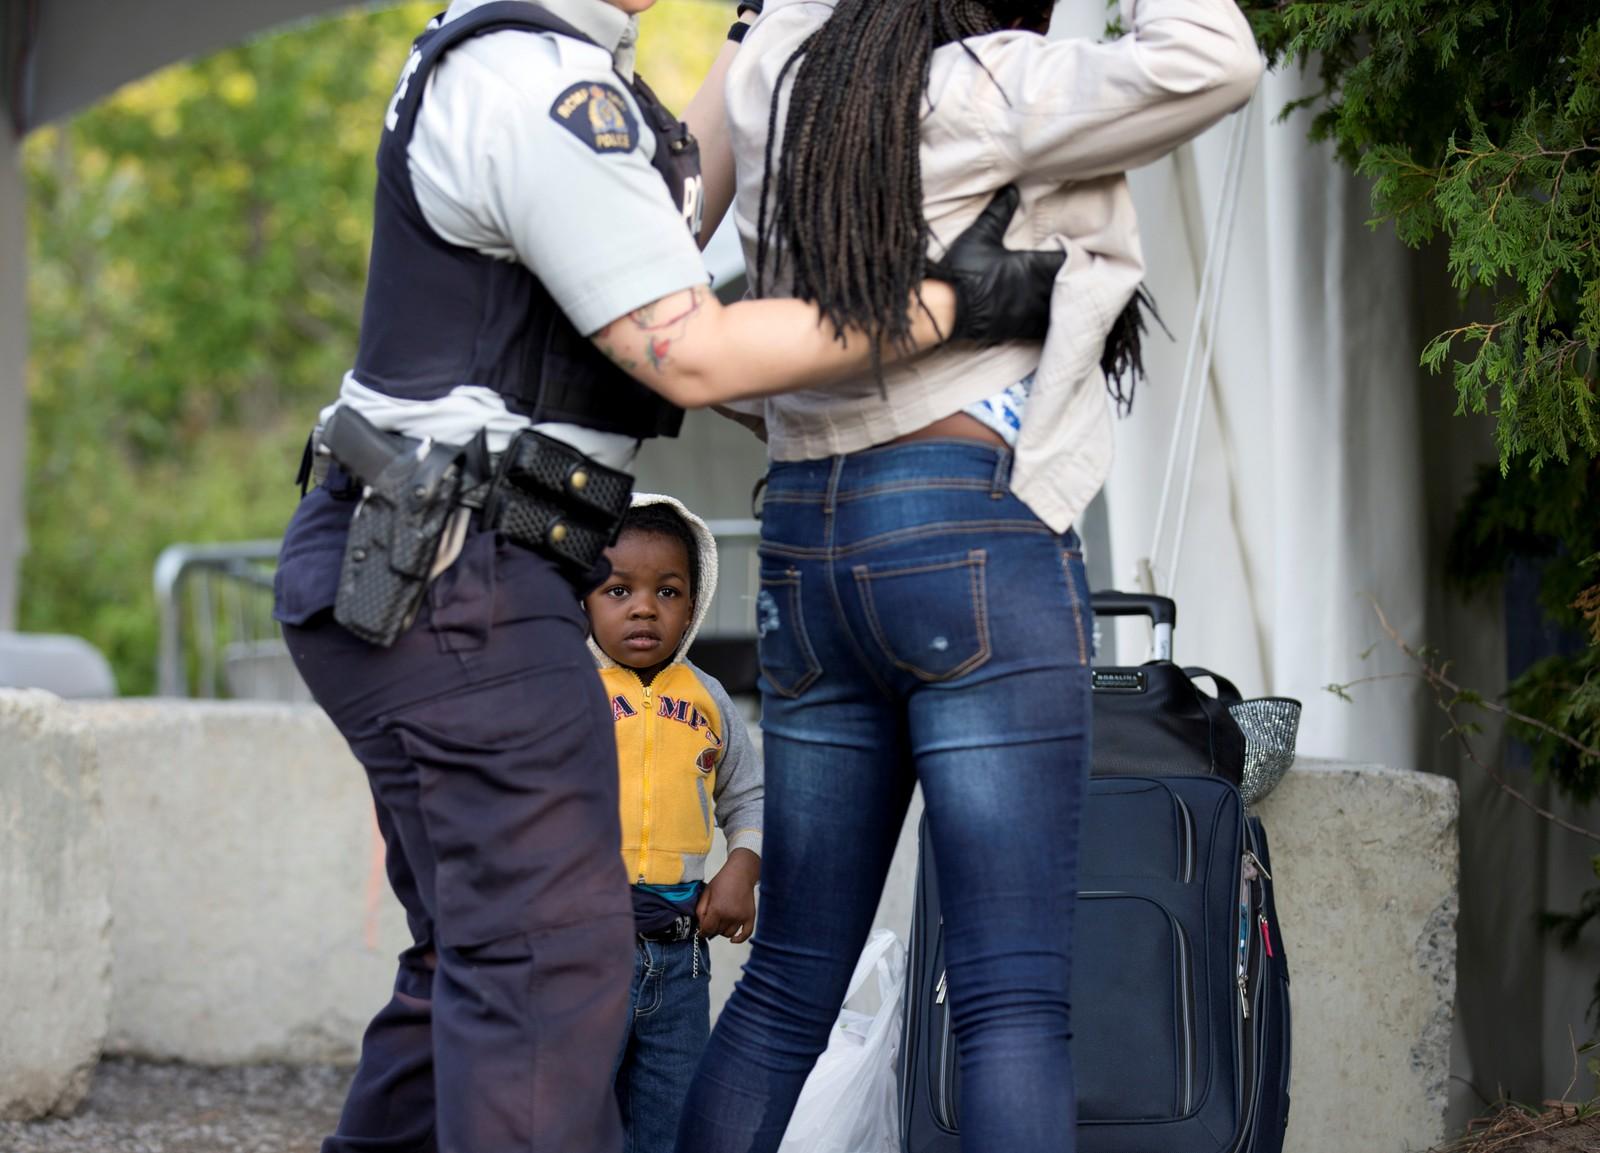 Evanston (2) ser på mens kanadisk grensepoliti sjekker moren hans etter at familien krysset grensen fra Champlain, New York i USA til Lacolle i Canada fredag. Familien hevder de er fra Haiti.